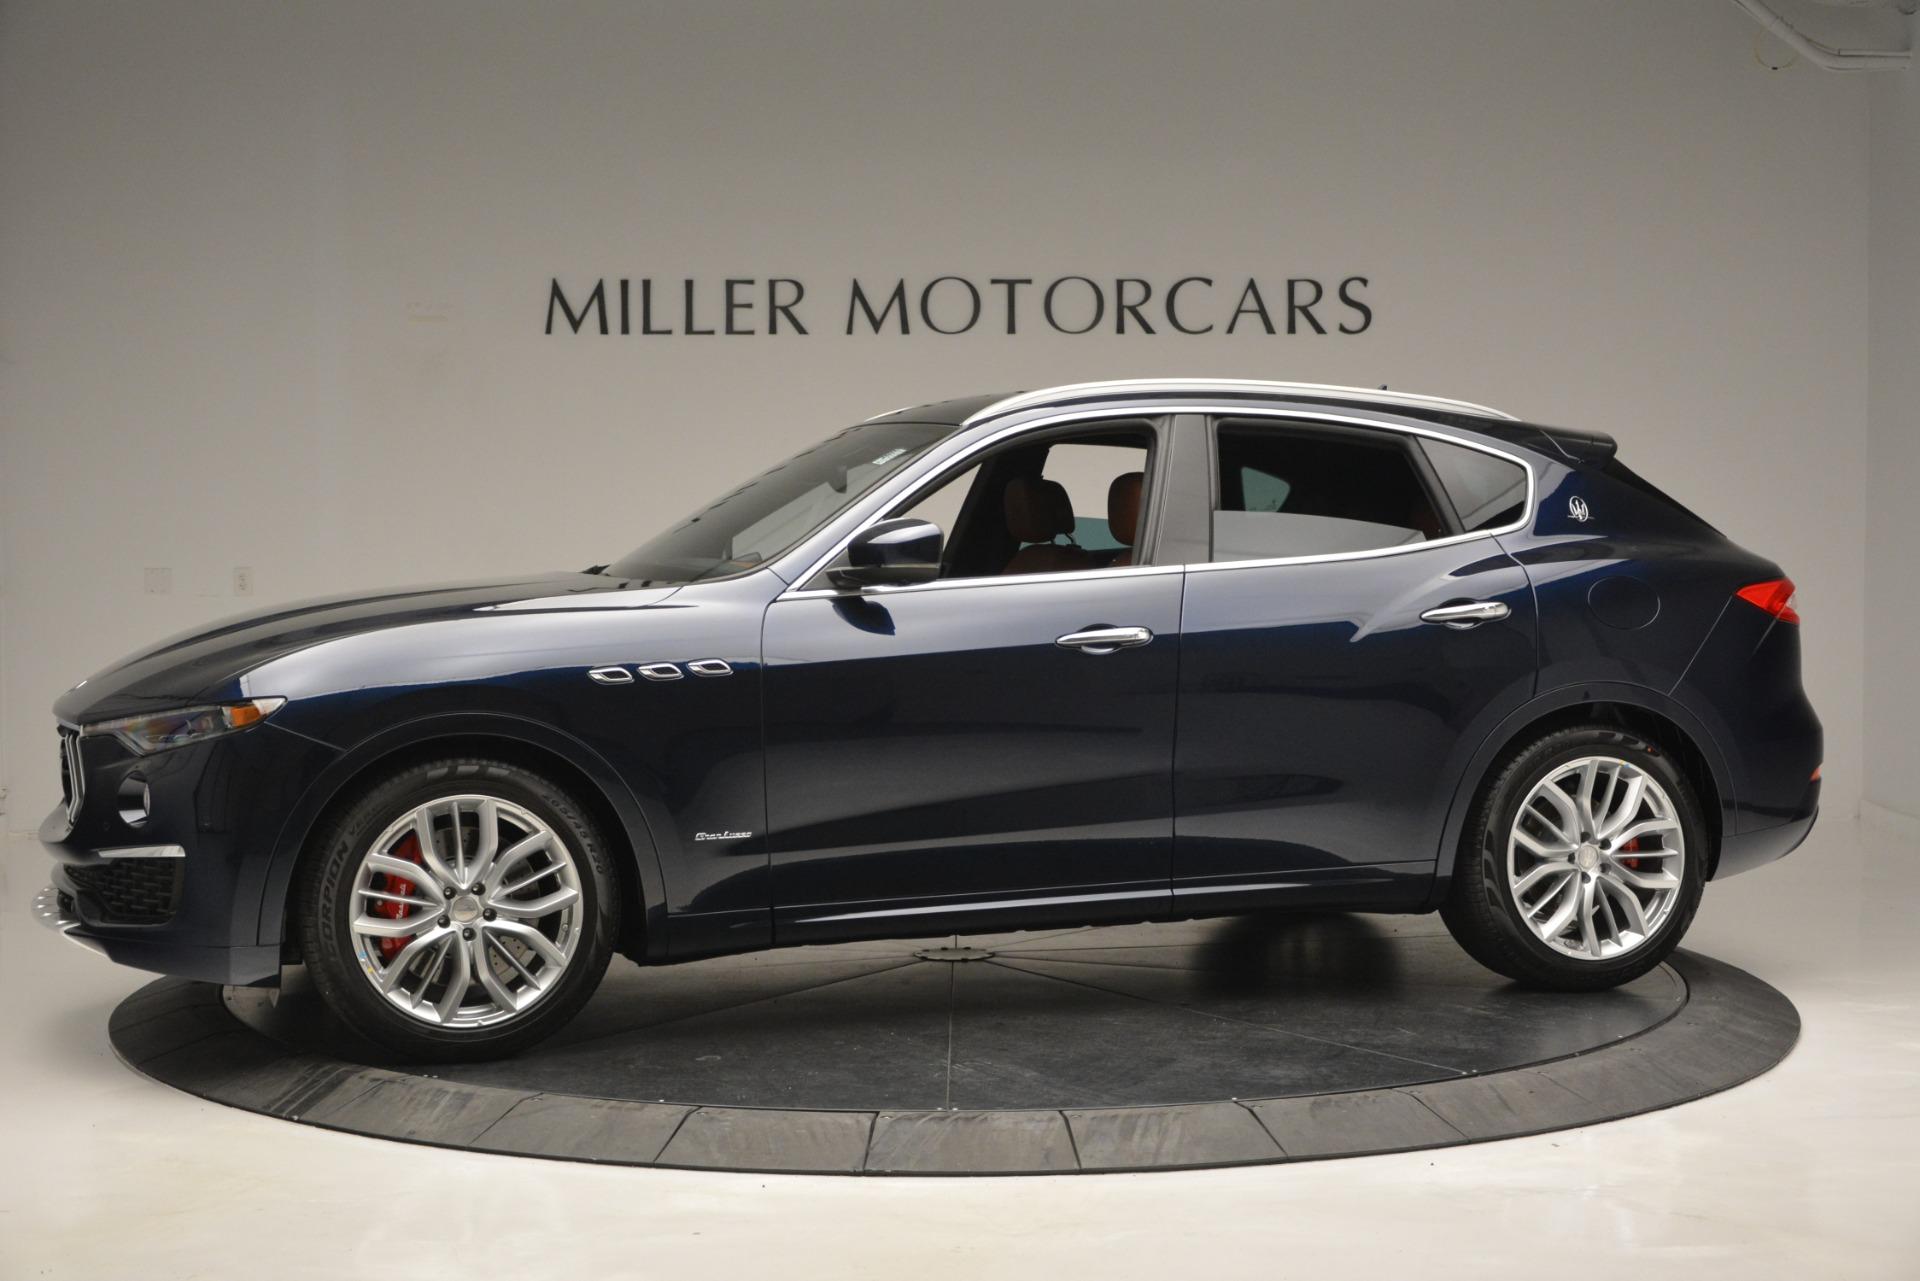 New 2019 Maserati Levante S Q4 GranLusso For Sale In Westport, CT 2868_p4